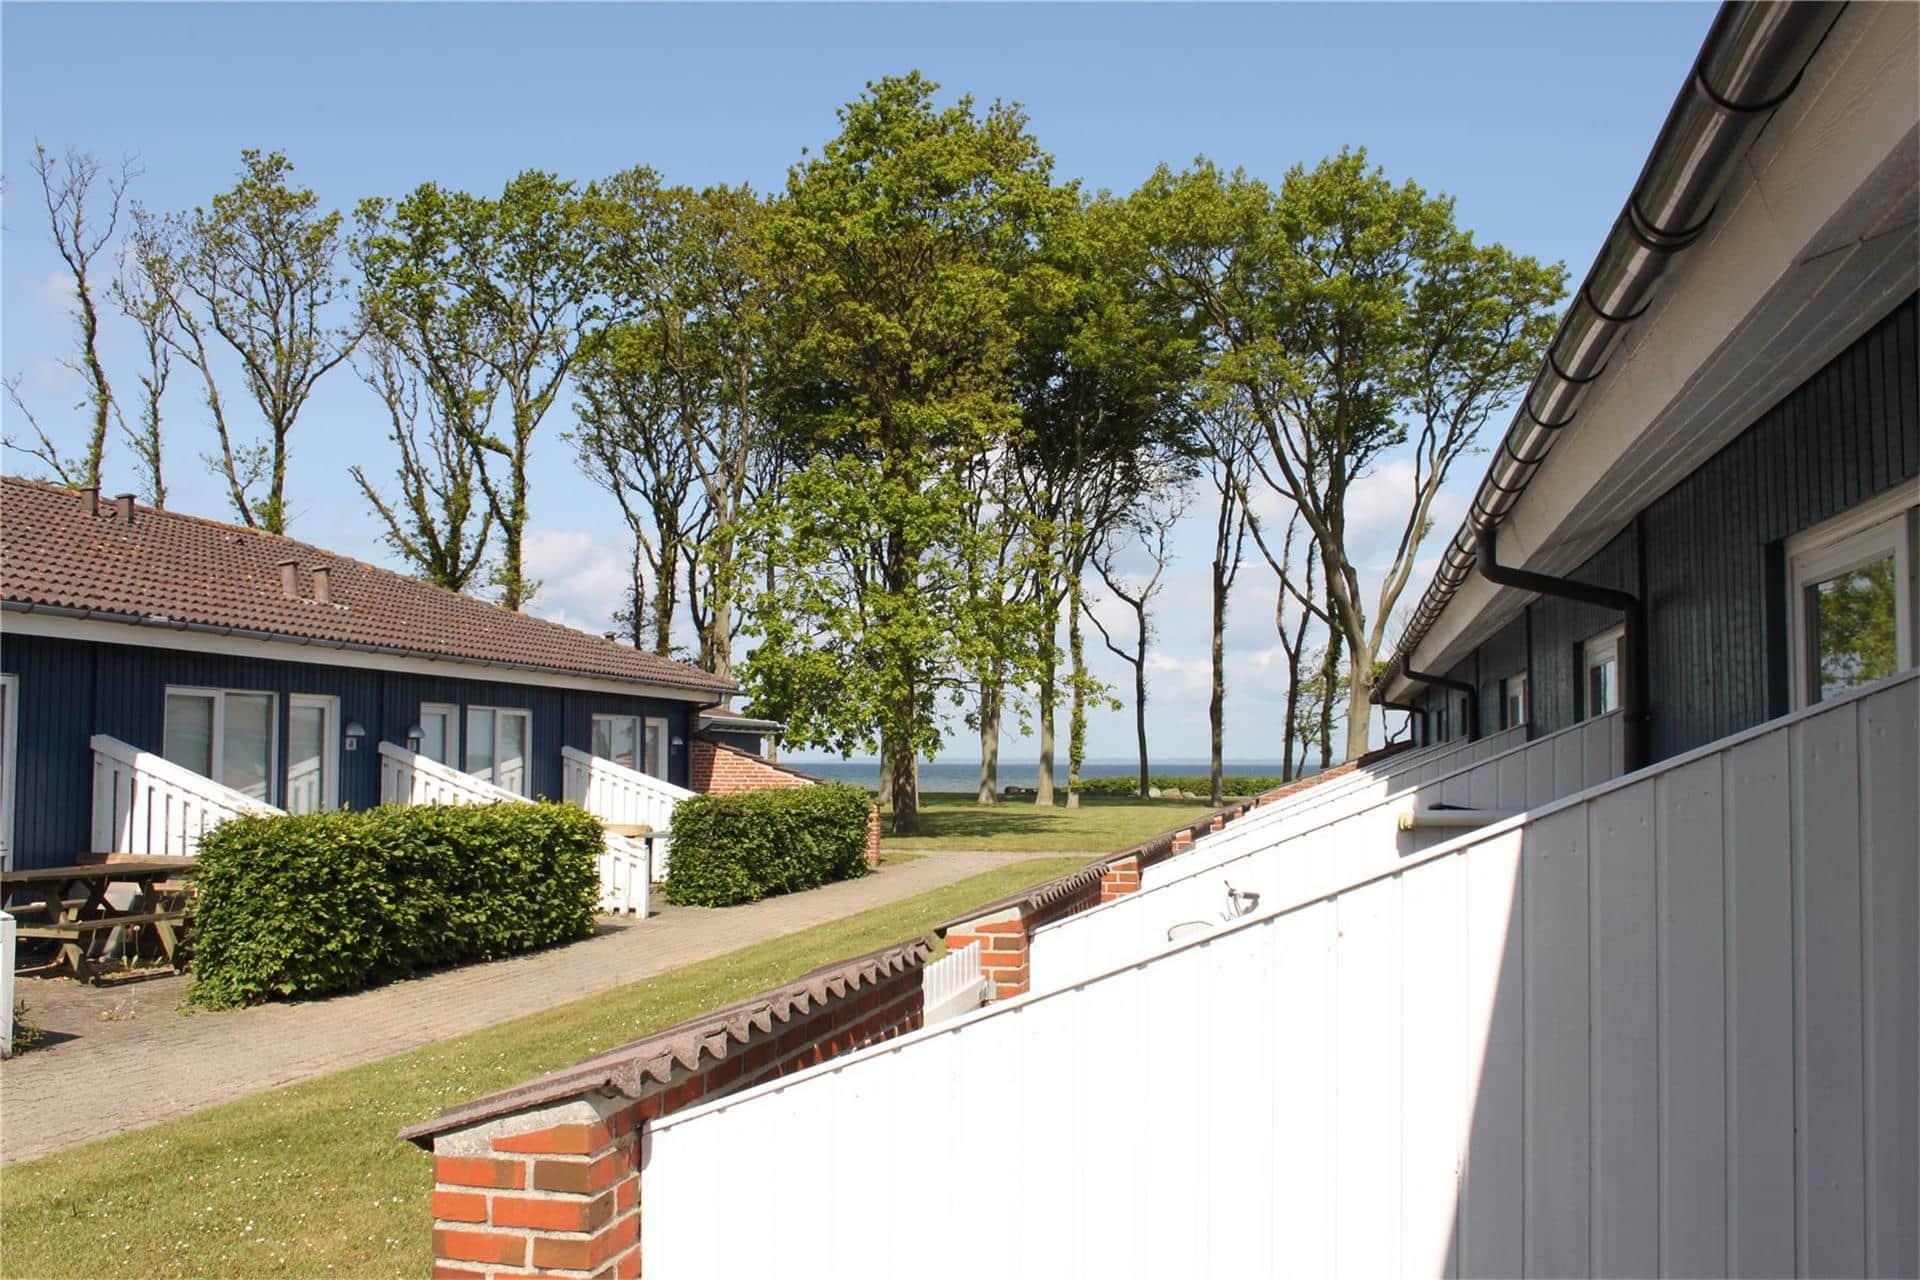 Billede 1-3 Sommerhus M64197, Grønnevej 8, DK - 5400 Bogense